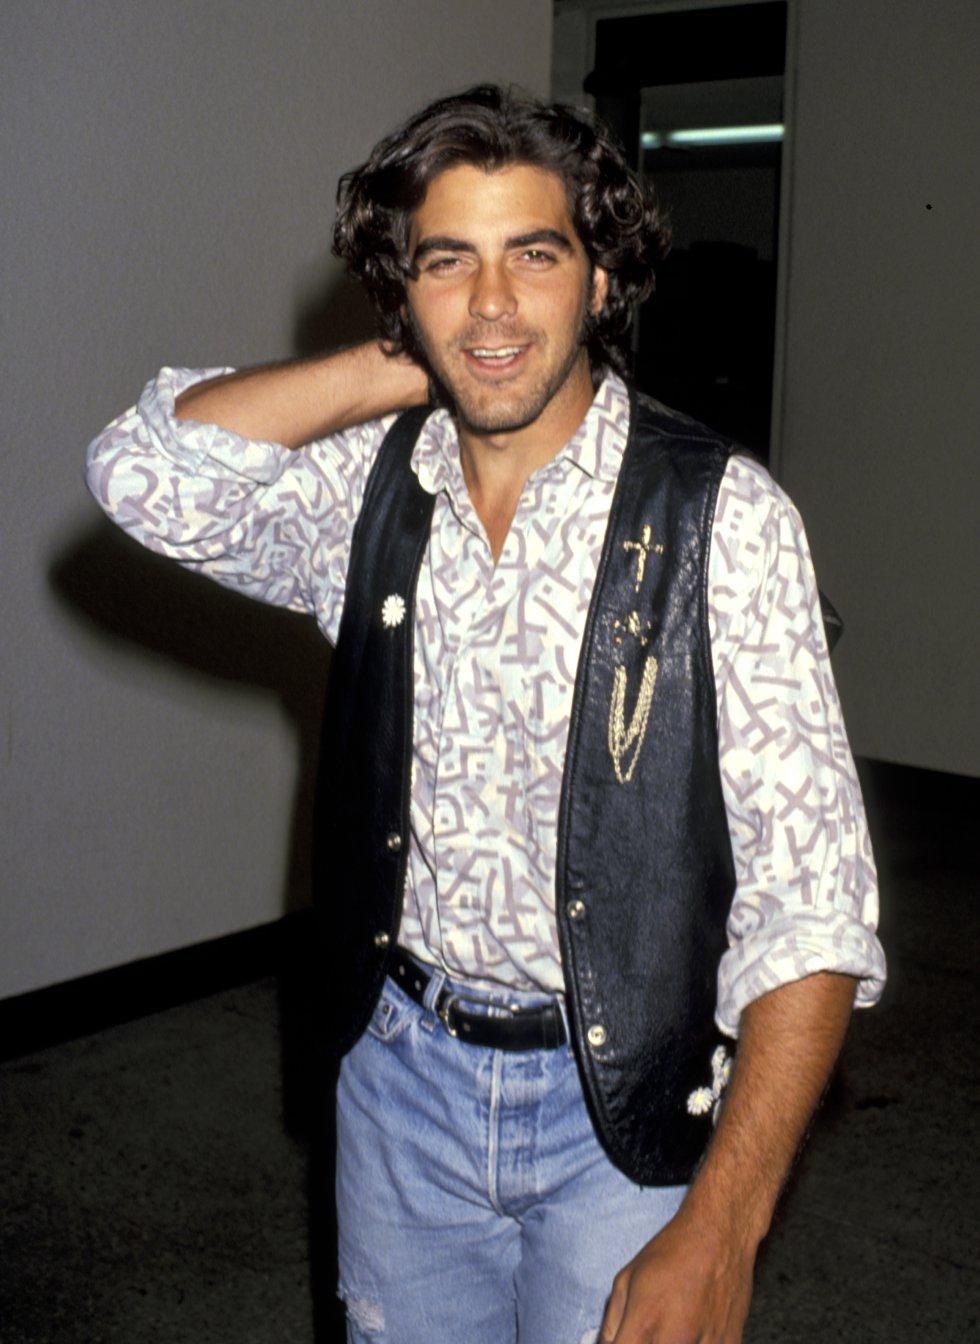 A finales de los años ochenta, sin haber llegado a cumplir los 30 años, Clooney empezó a convertirse en un rostro conocido de series y películas para televisión. Aquí, en Malibú en 1989.